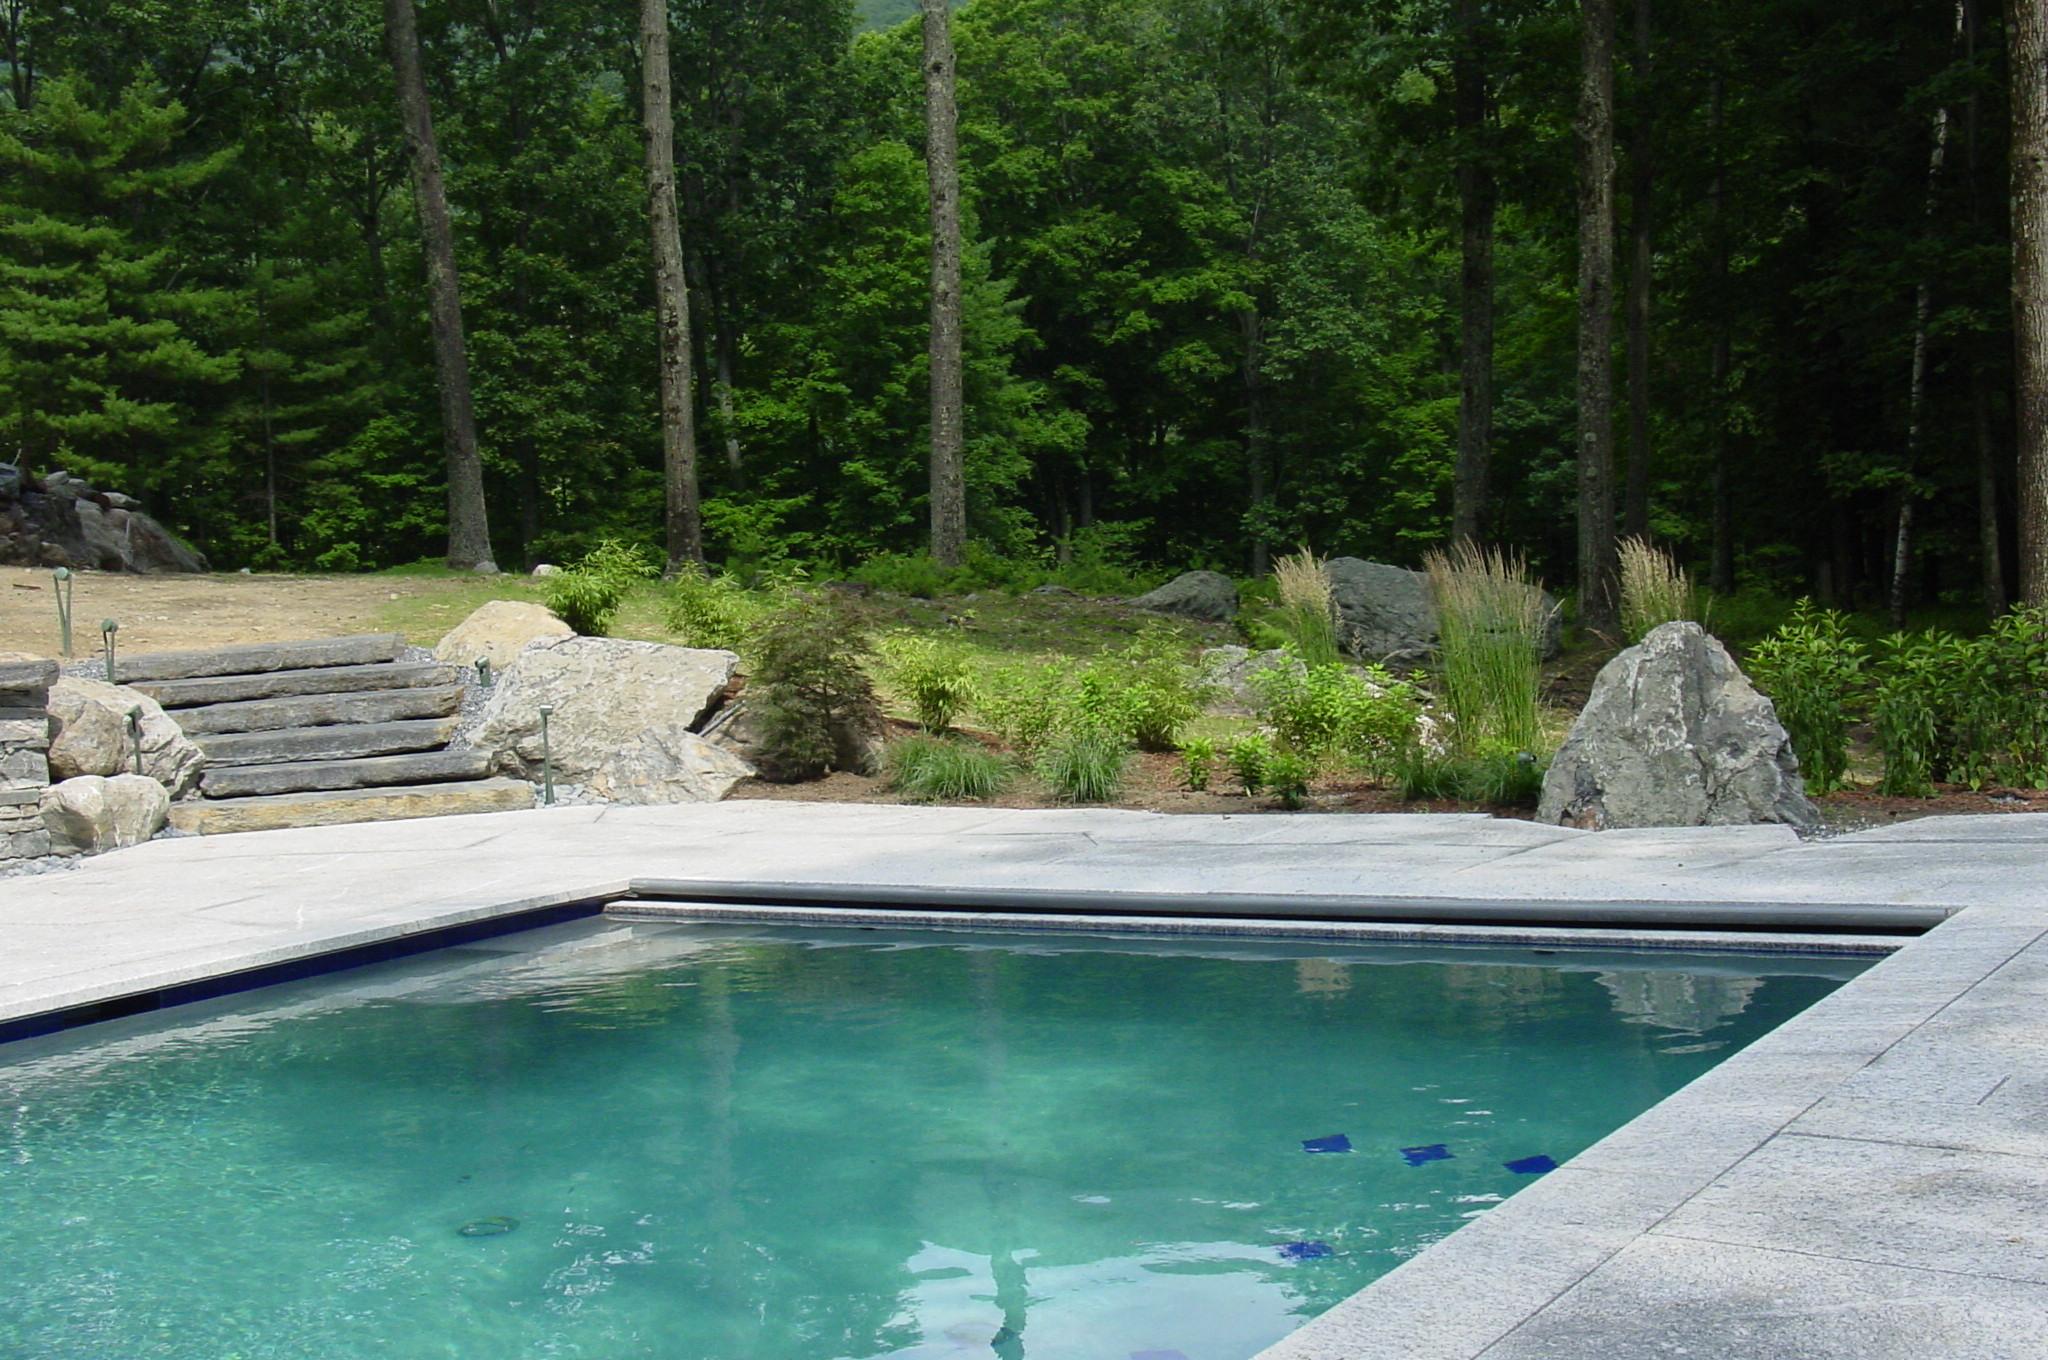 Pool & Hardscape